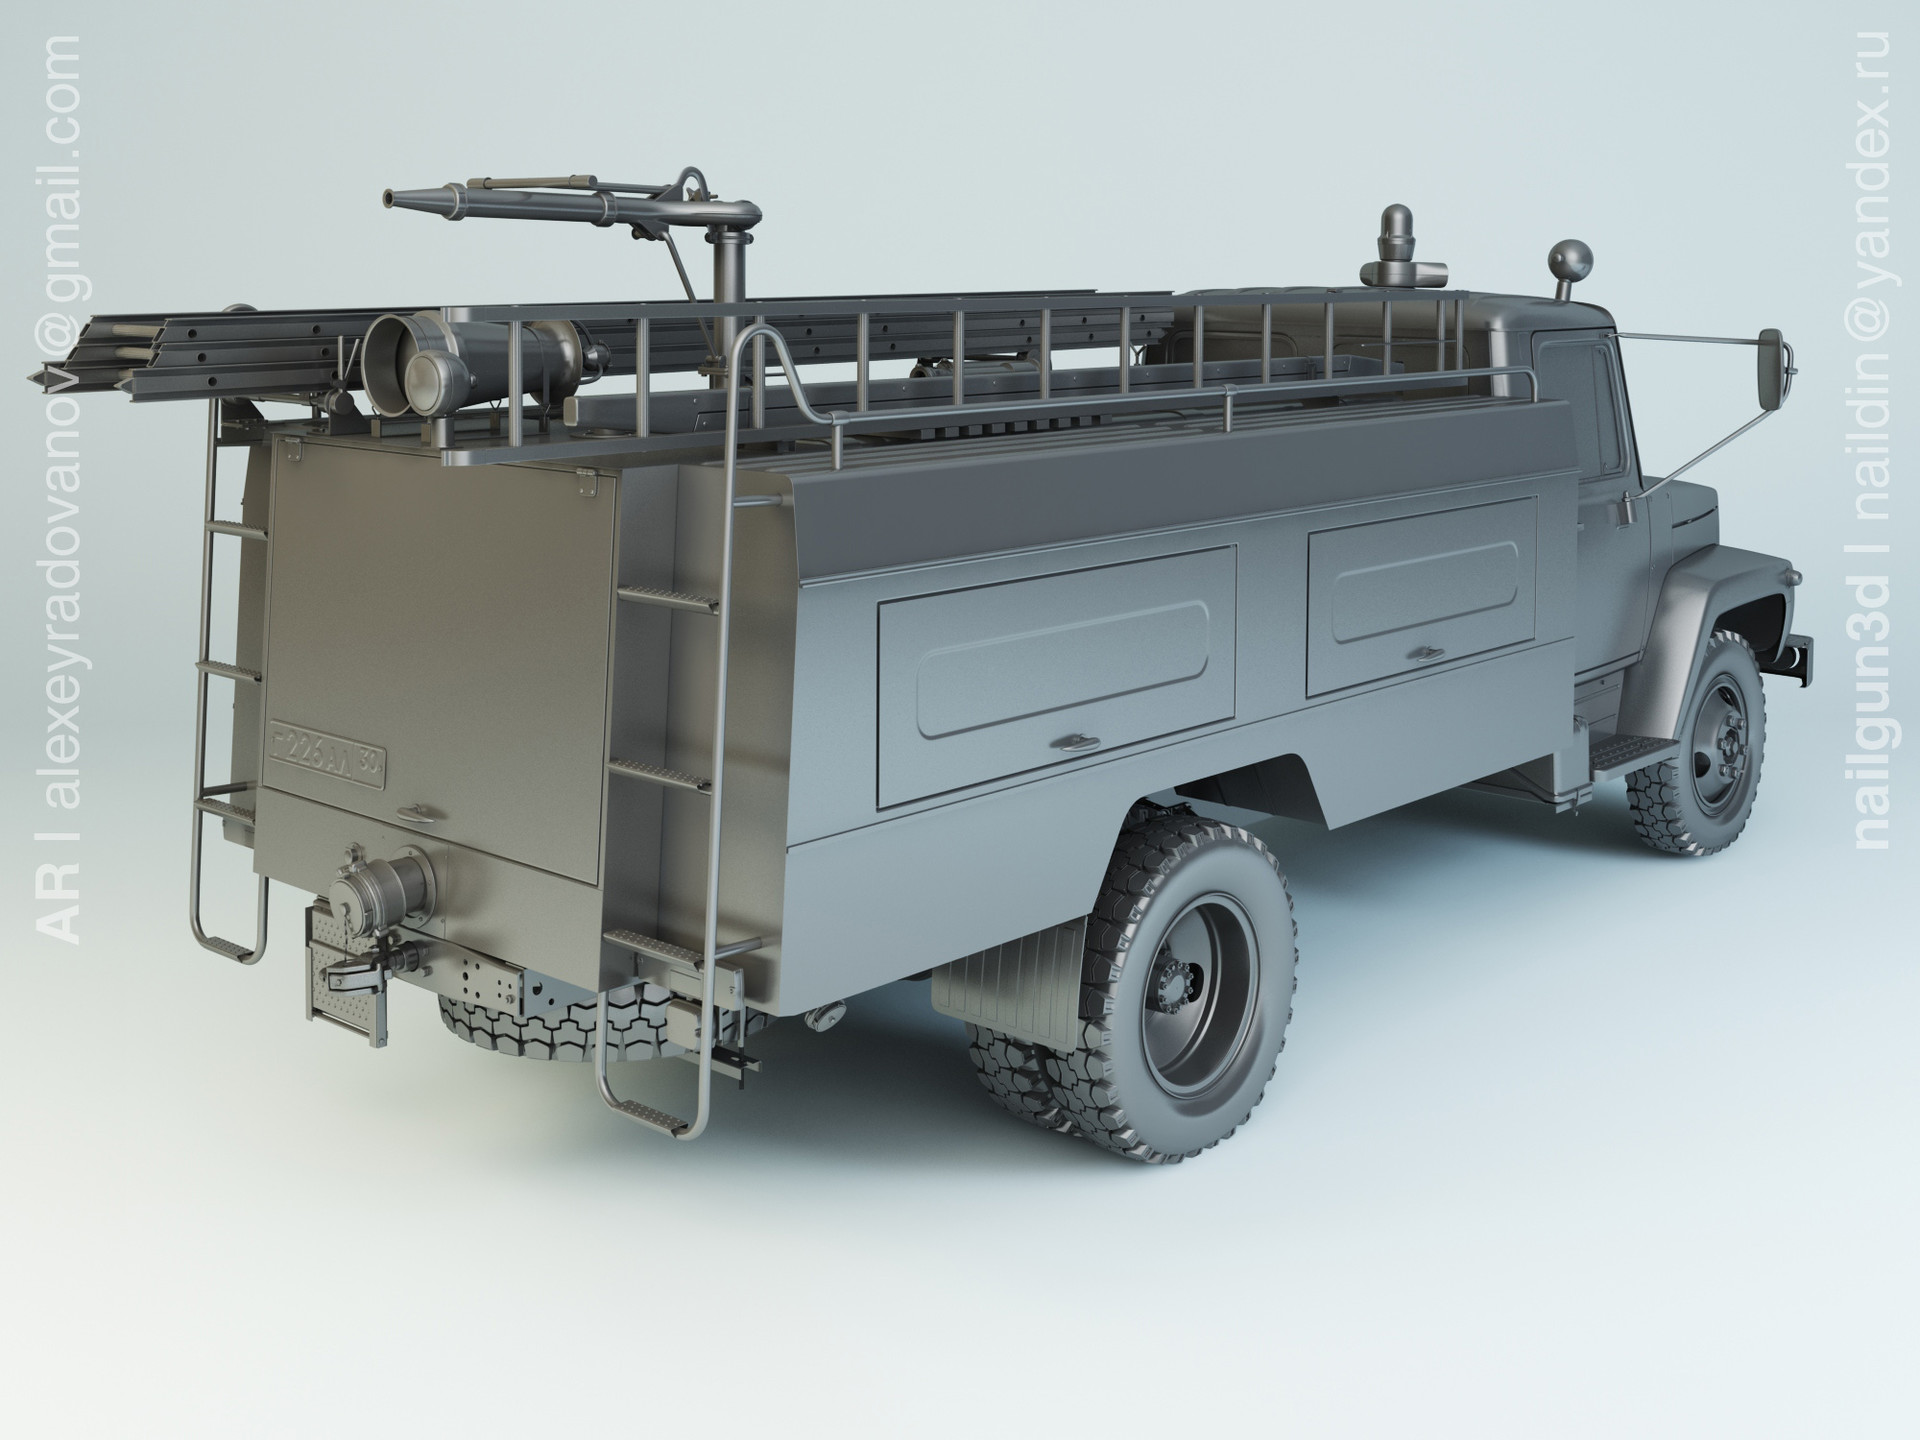 Nail khusnutdinov alg 035 002 ac 30 3307 modelling 1